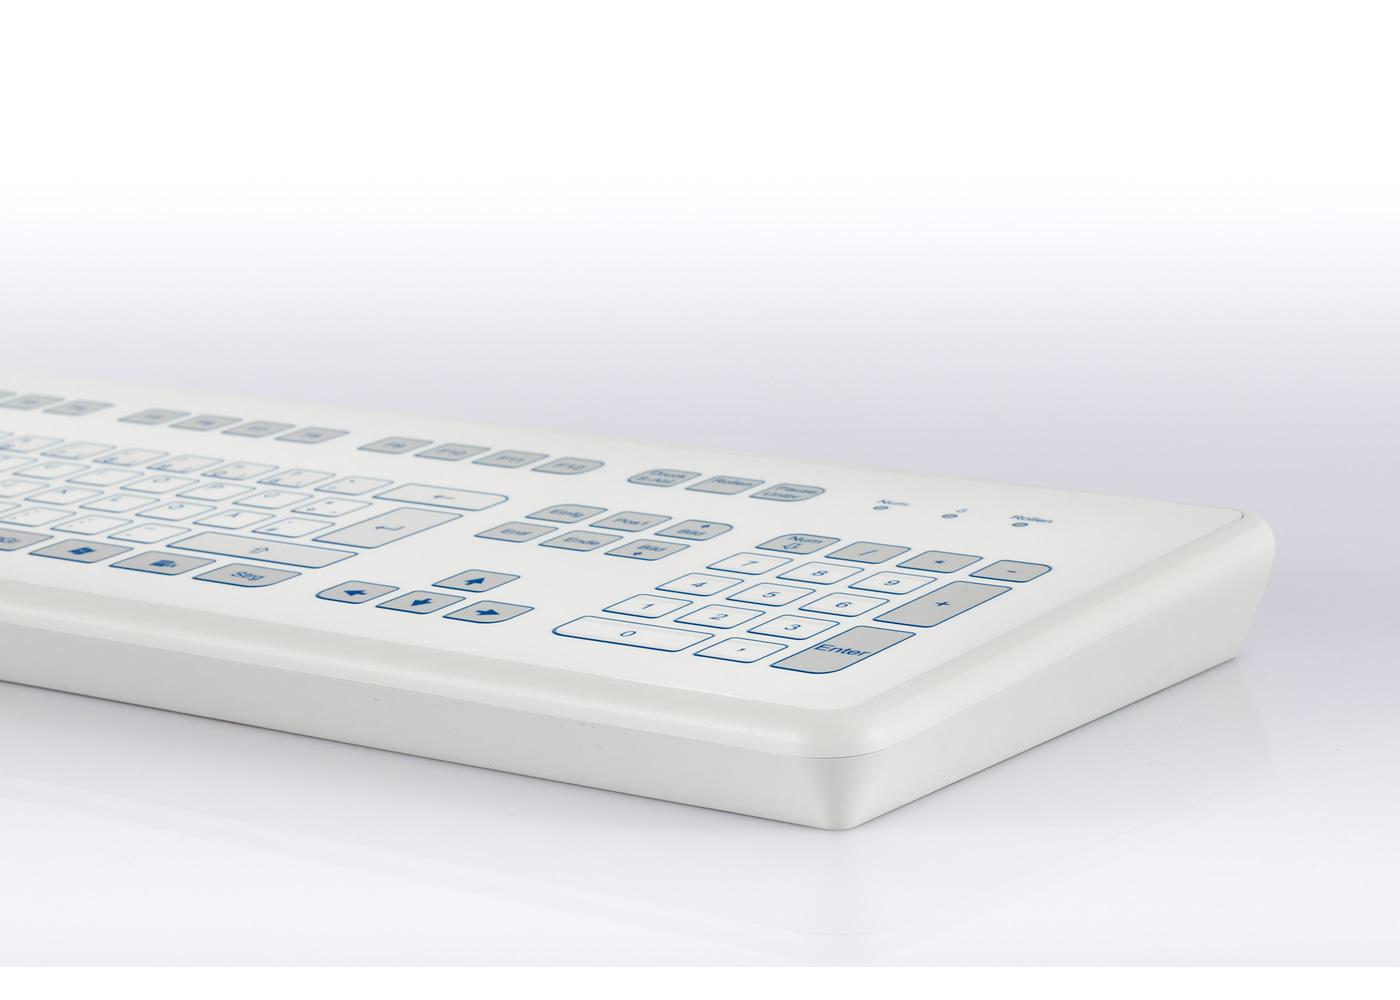 Clavier étanche 105 touches en boitier de table vue de détail